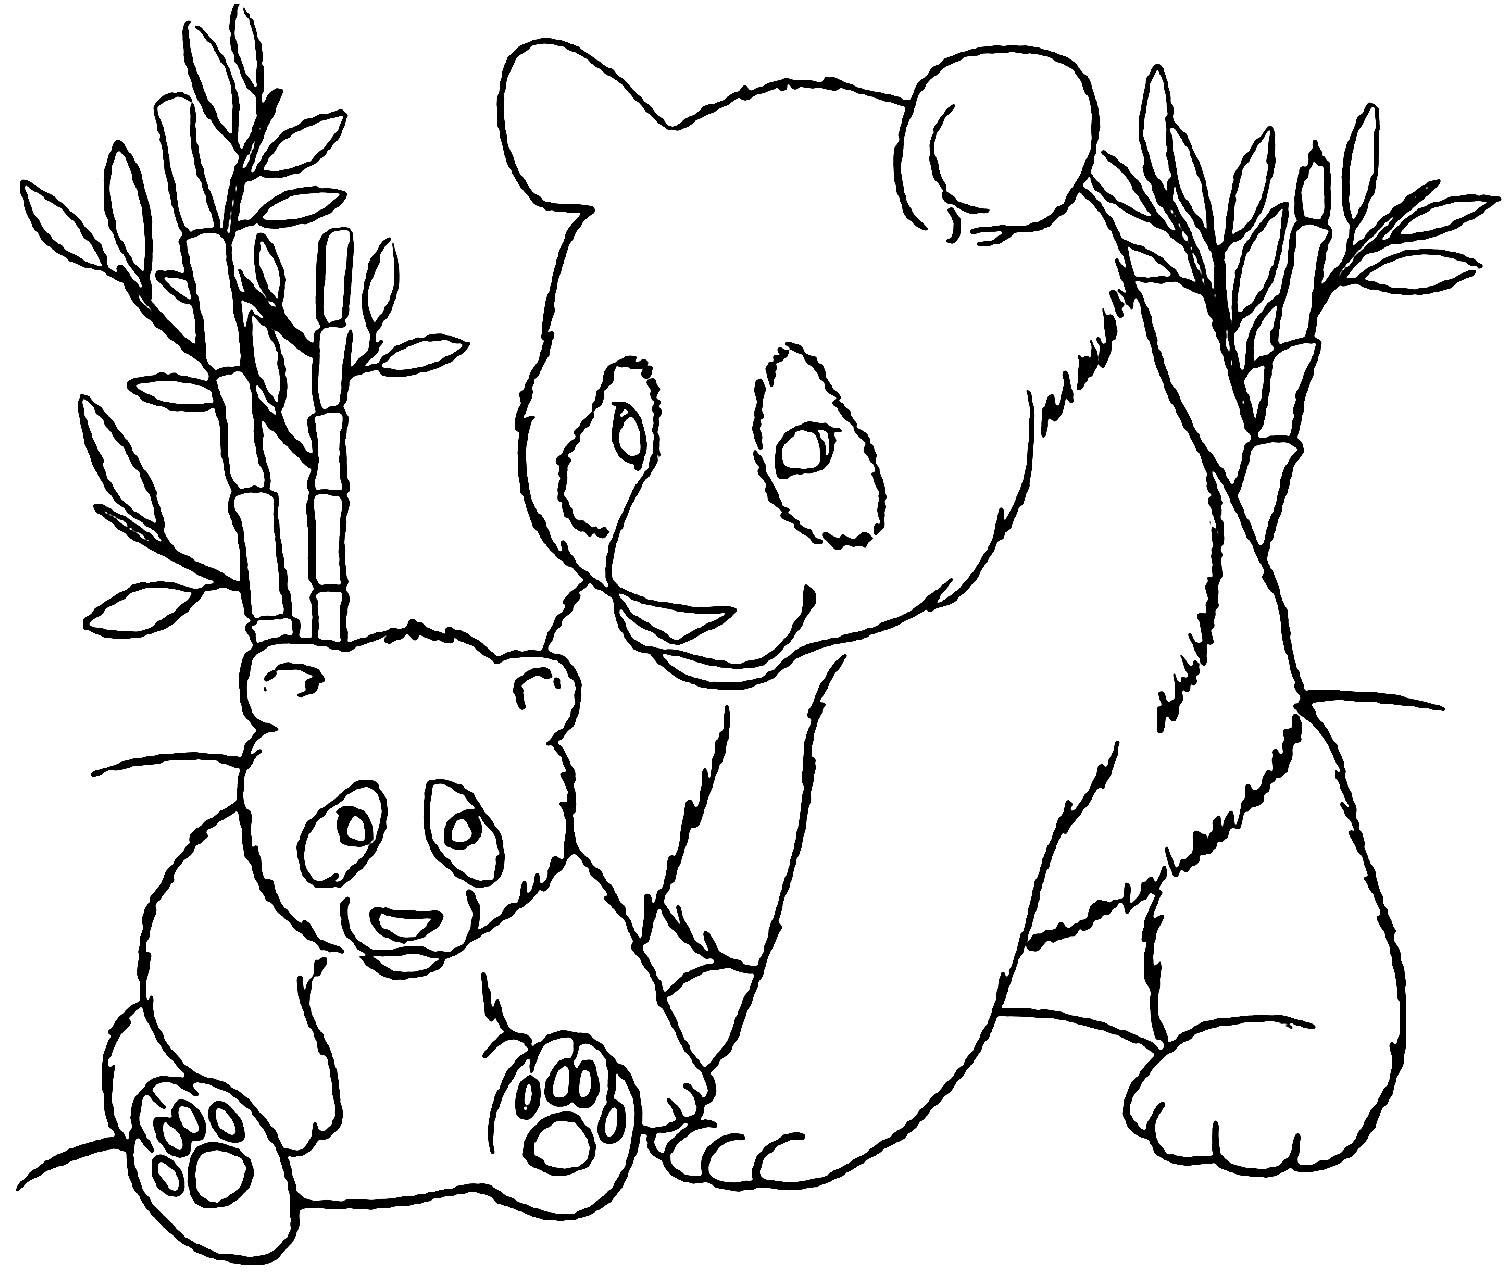 Coloriage De Panda À Imprimer Pour Enfants - Coloriage De à Dessin Facile Pour Enfant